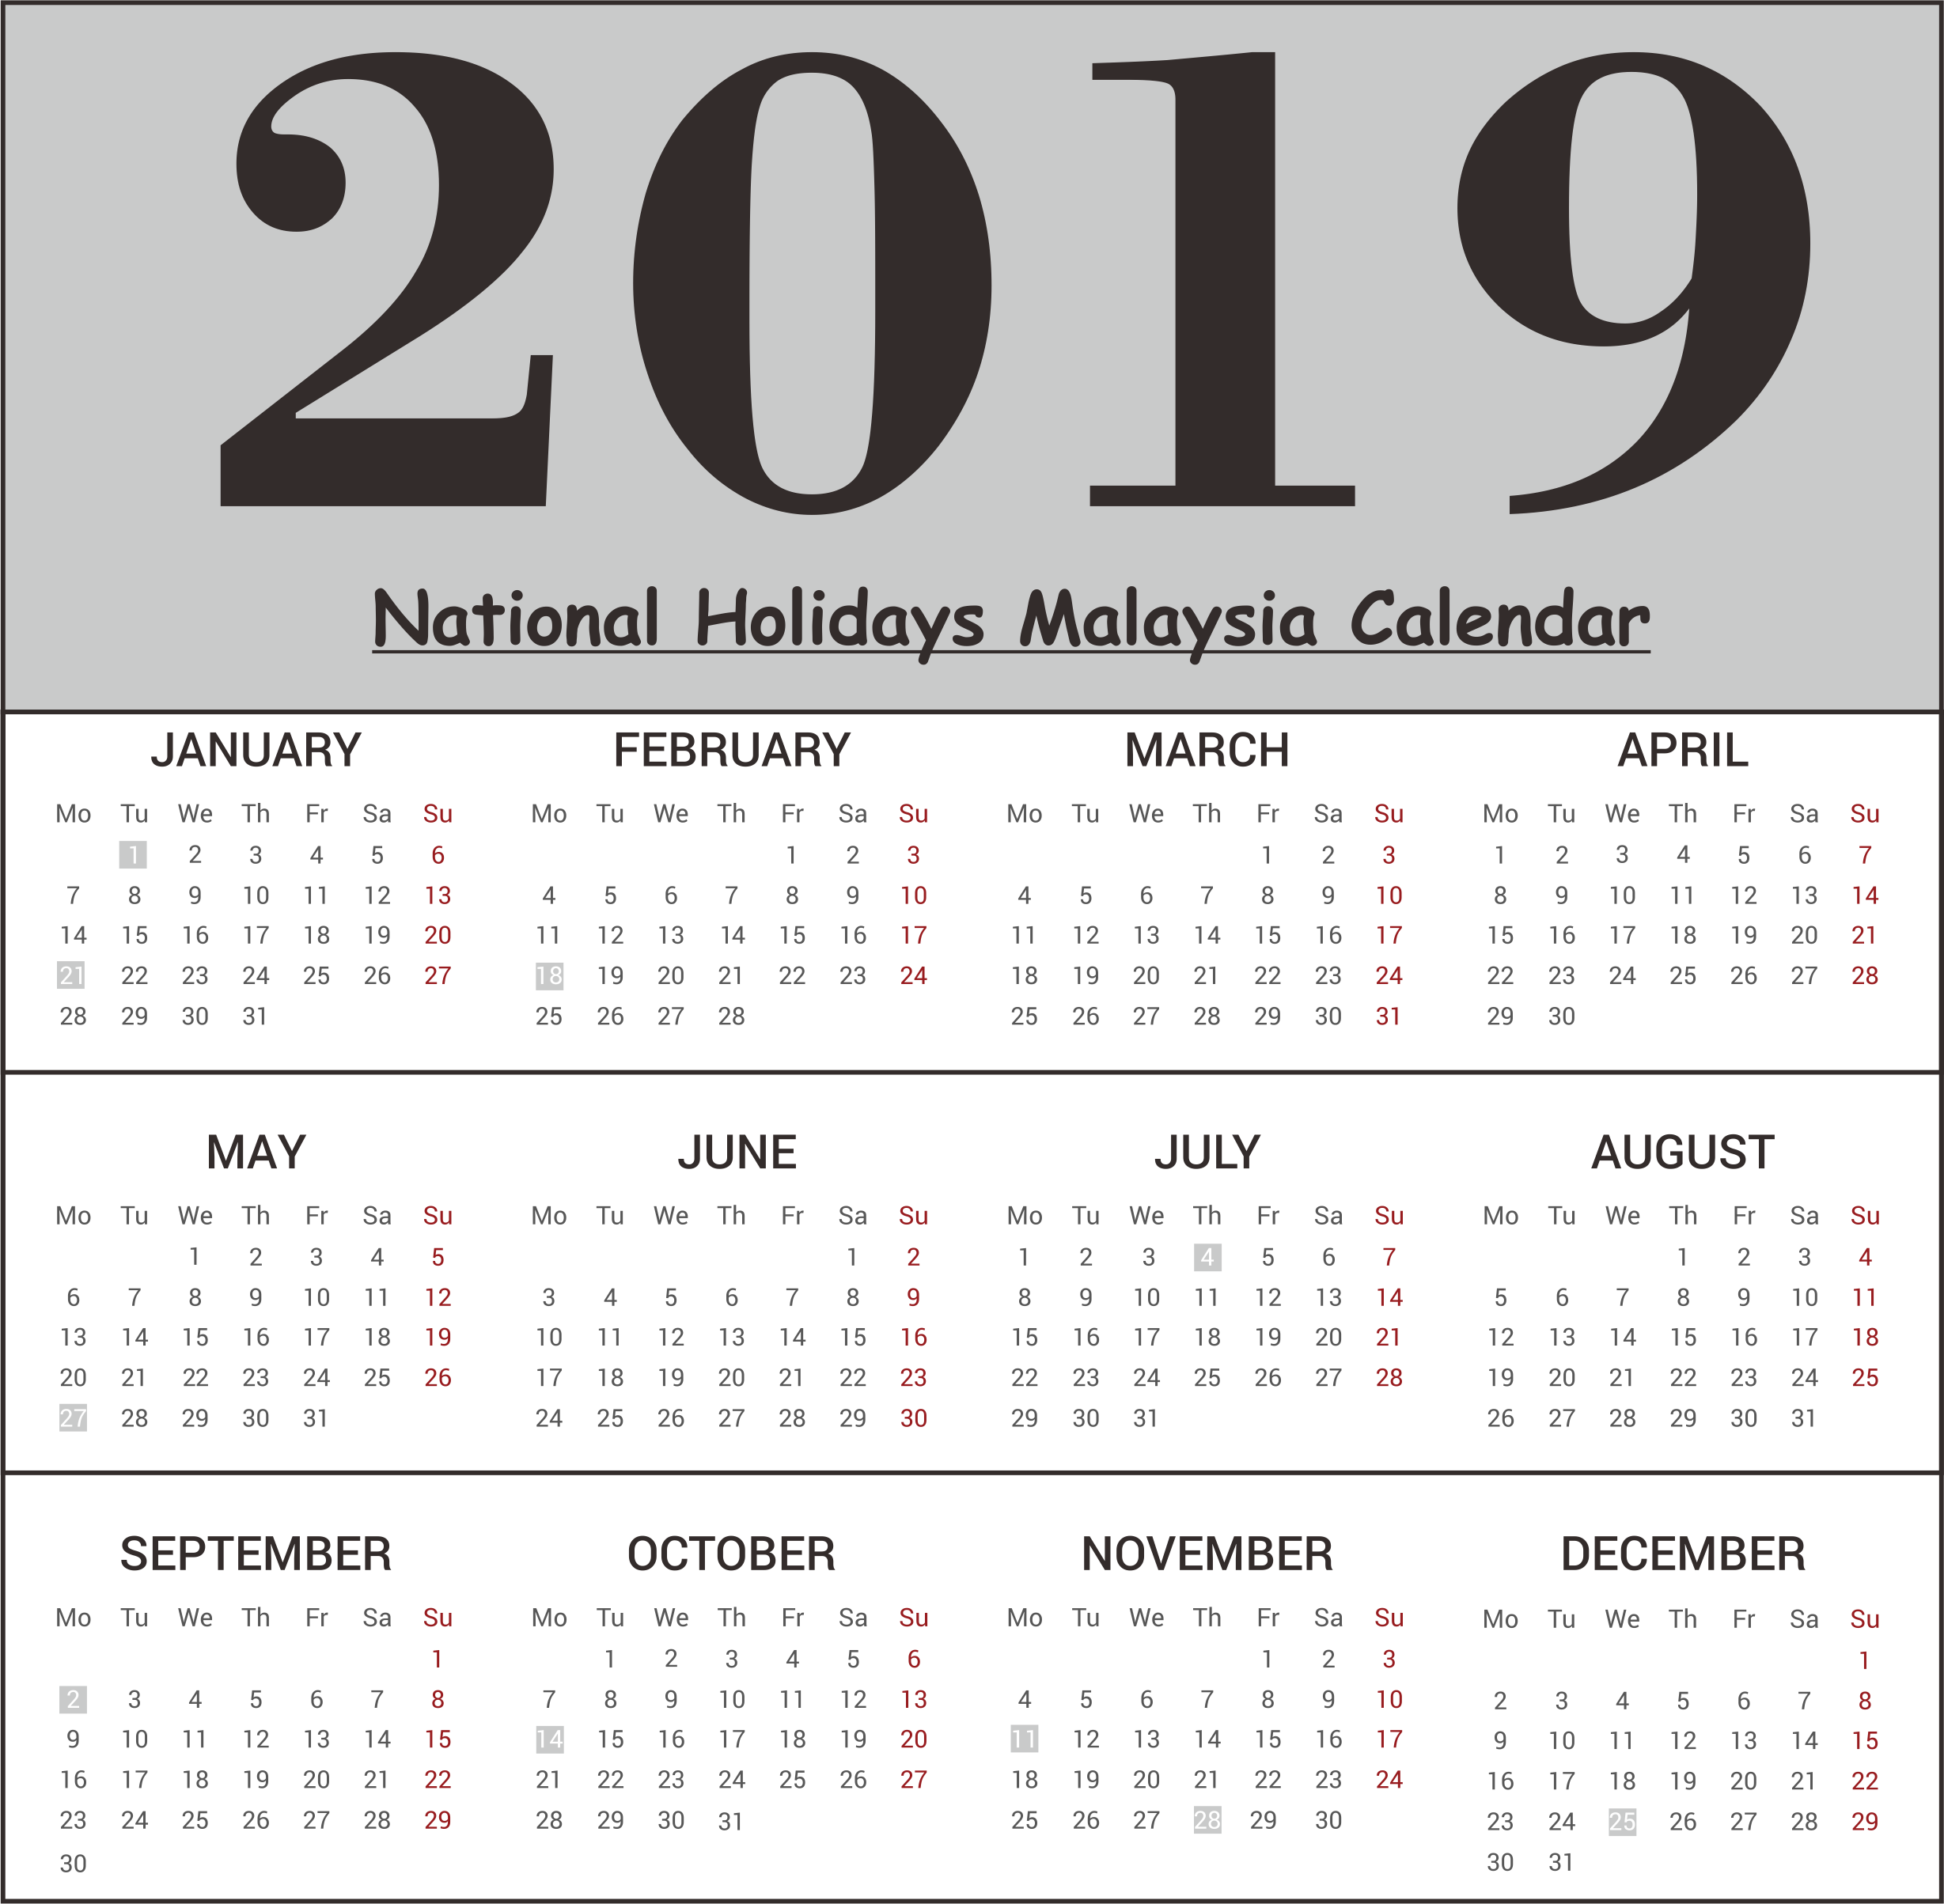 2019 Malaysia National Holidays Calendar